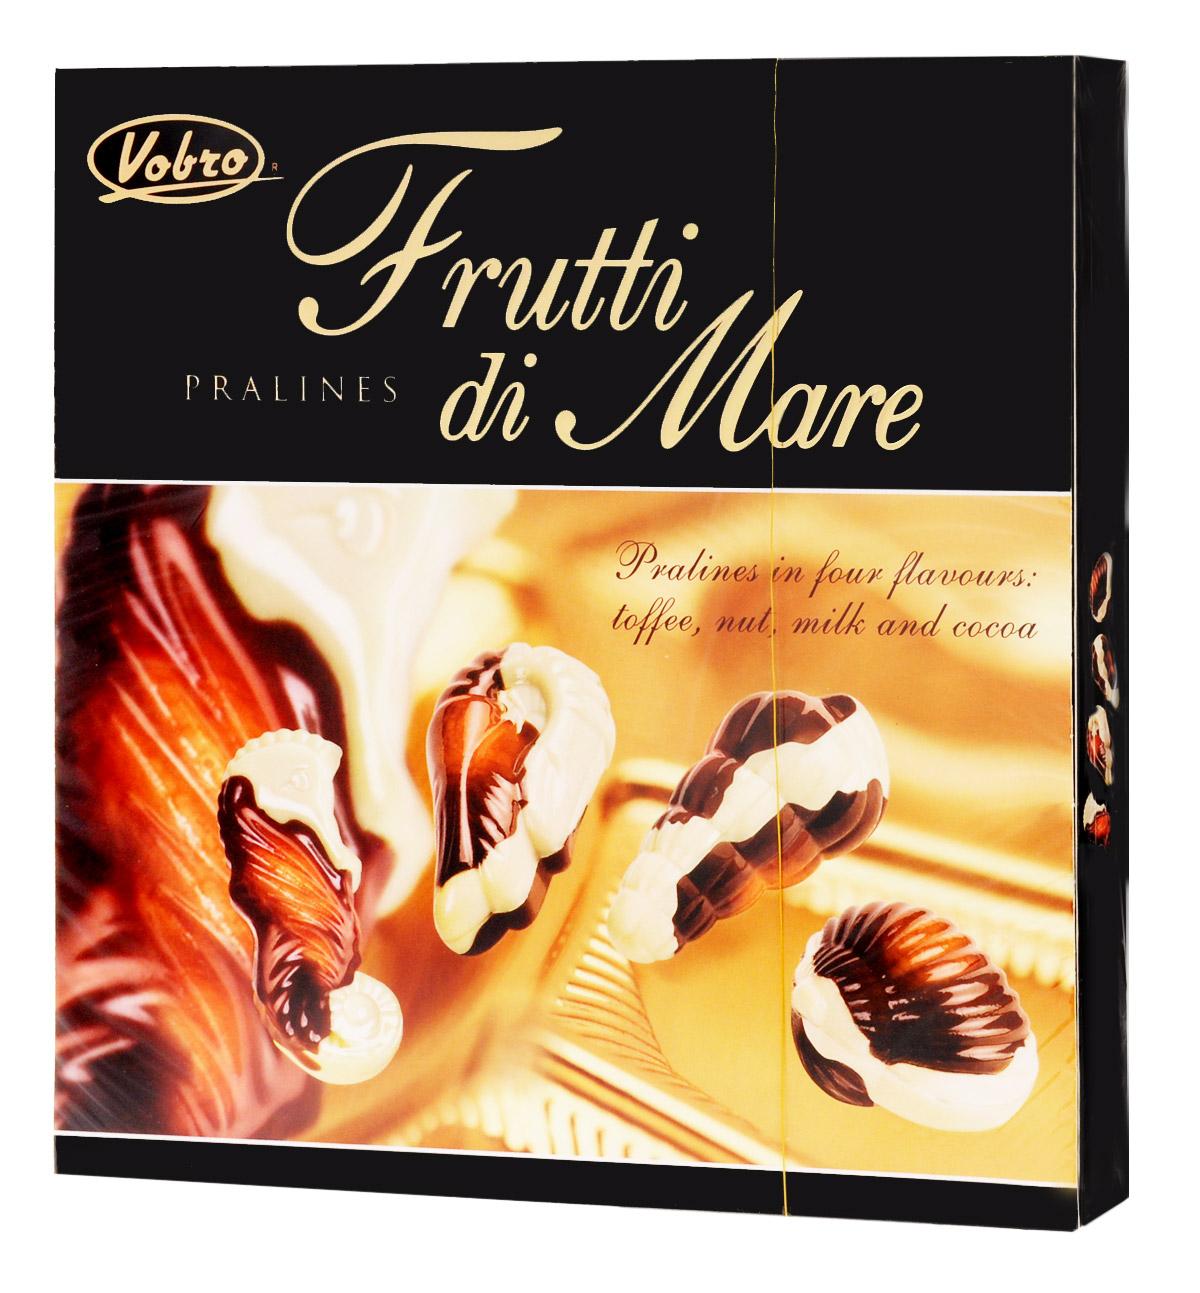 Vobro Frutti di Mare набор шоколадных конфет в виде морских ракушек, 250 г4902888116209Уникальная форма и неповторимый вкус… Такими являются конфеты Vobro Frutti di Mare в виде морепродуктов. Прекрасная композиция белого и черного шоколада, и к тому же начинка 4 вкусов: какао, ореховый, молочный и тоффи.Vobro Frutti di Mare - это значимый подарок, с помощью которого легко показать, как сильно вам дорог человек.